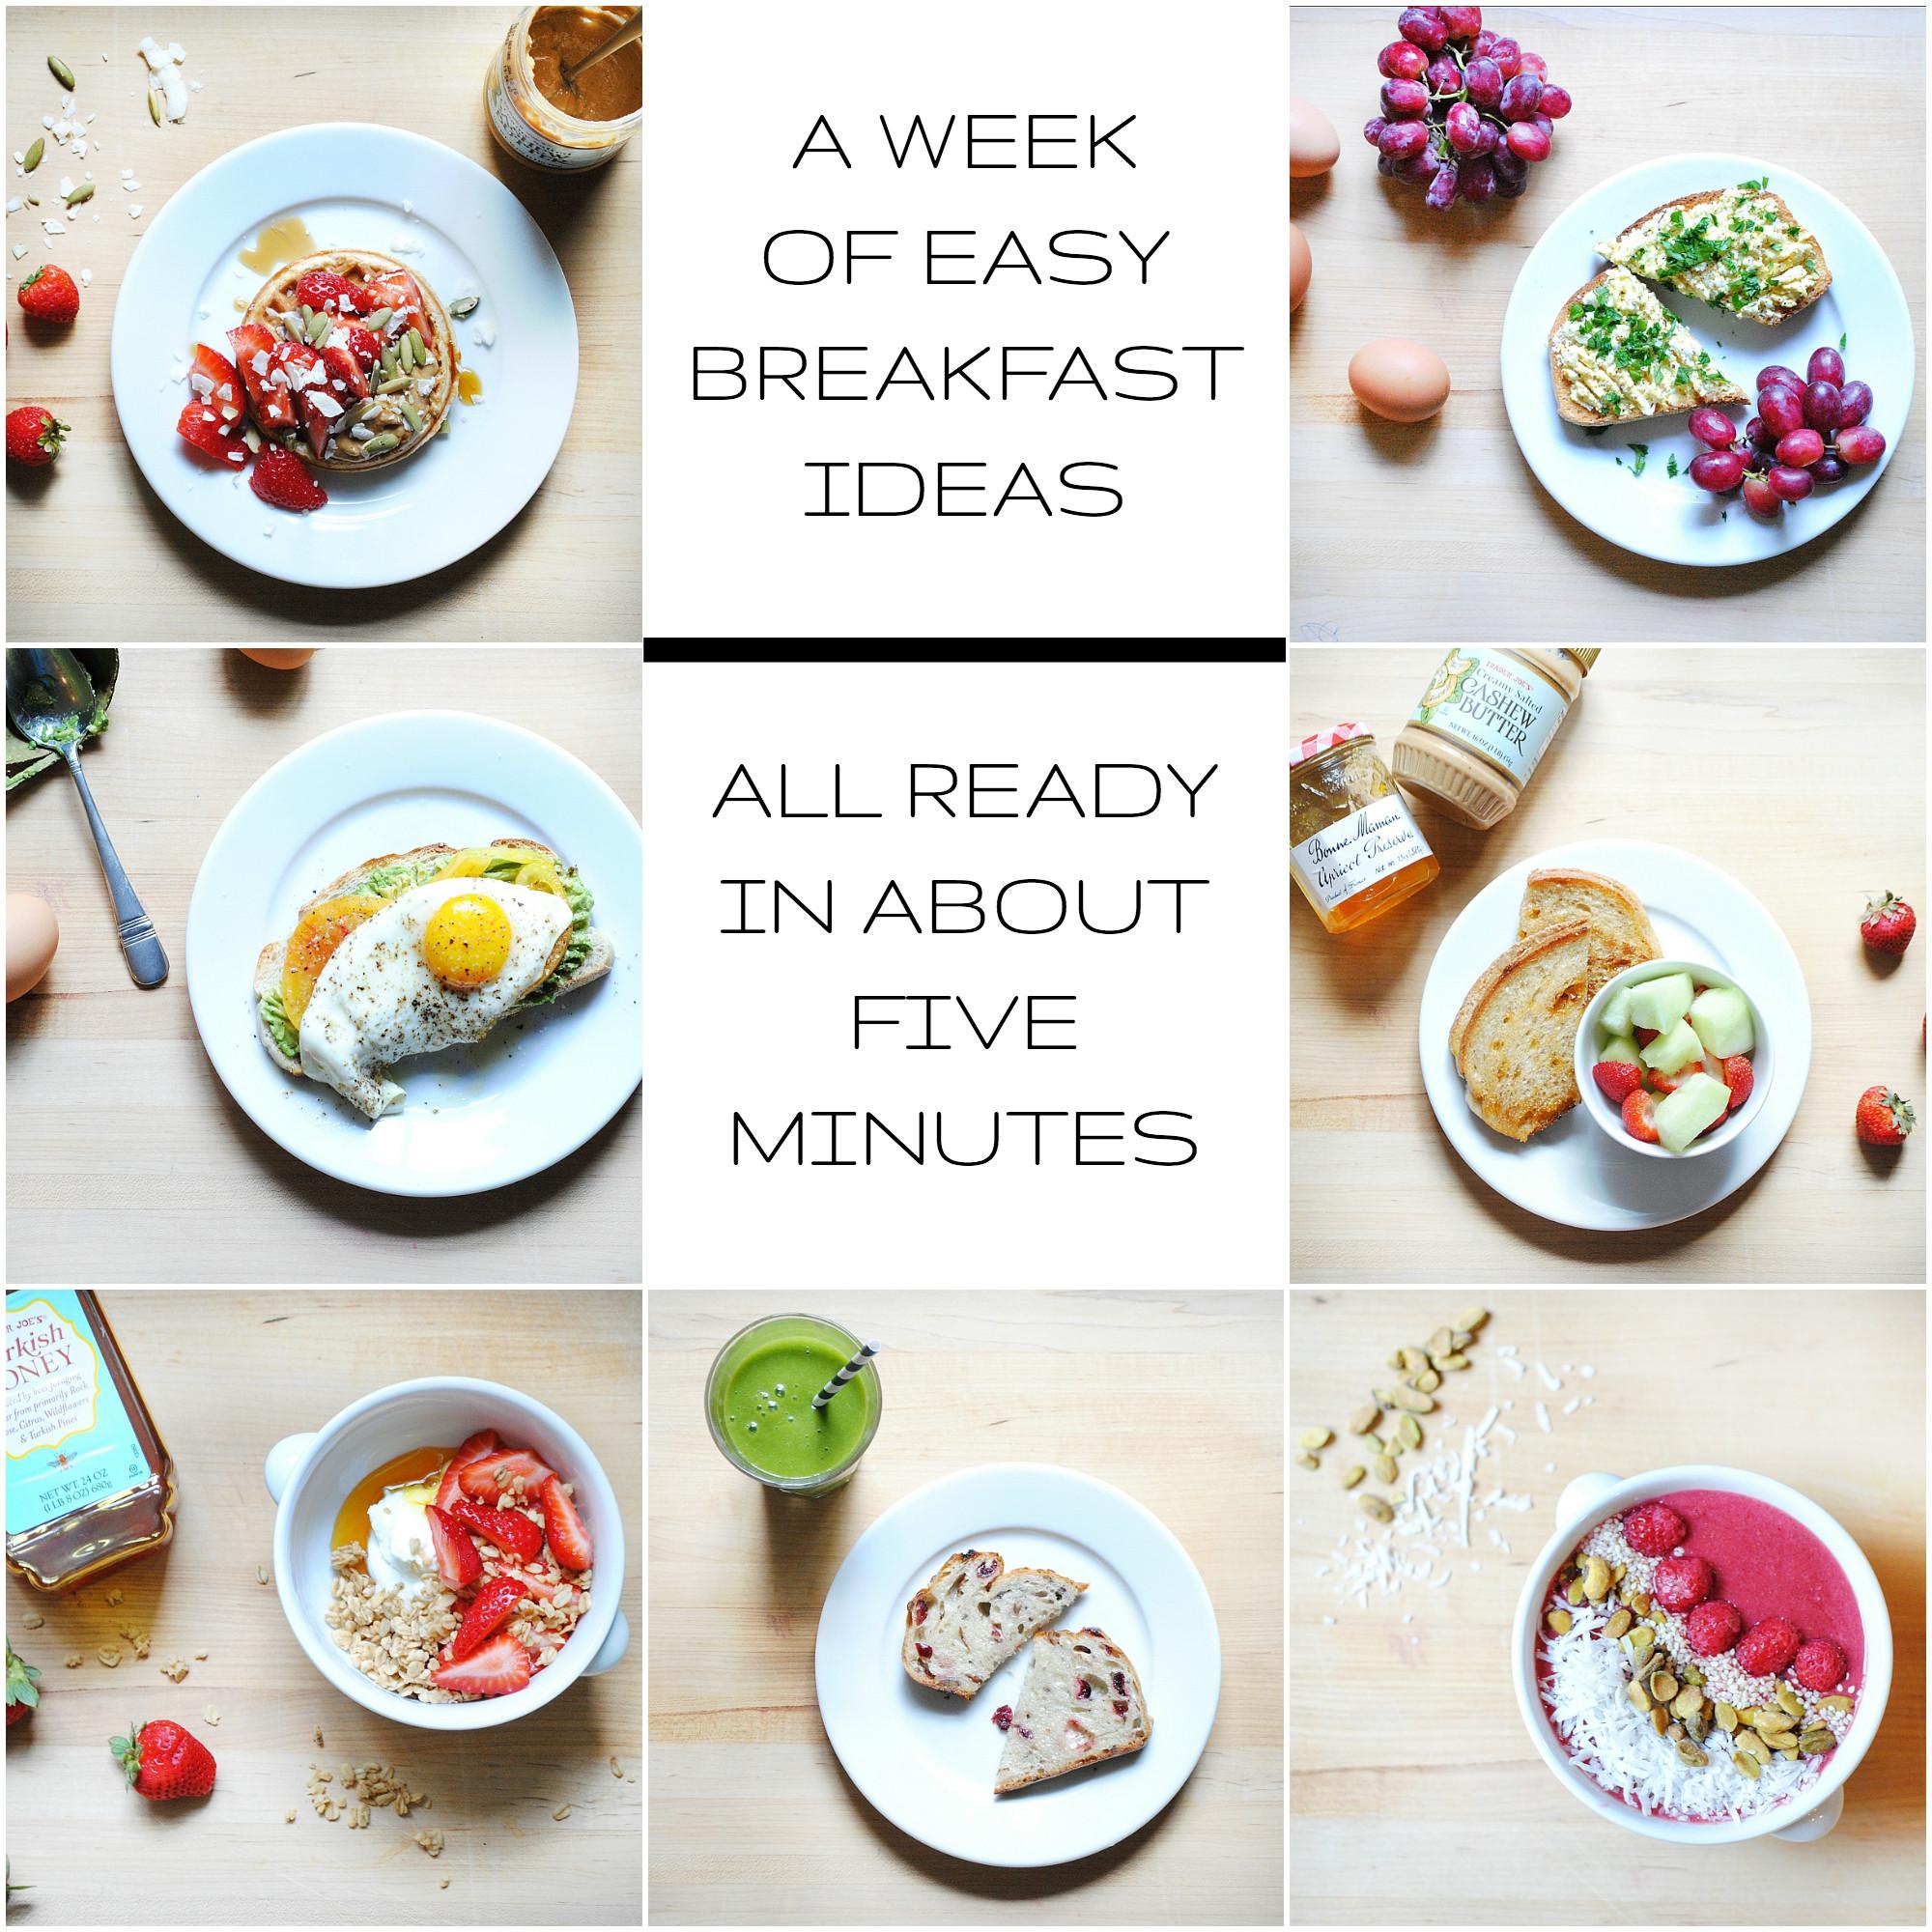 Simple Healthy Breakfast Ideas  A Week of Healthy Easy Breakfast Ideas All Ready in